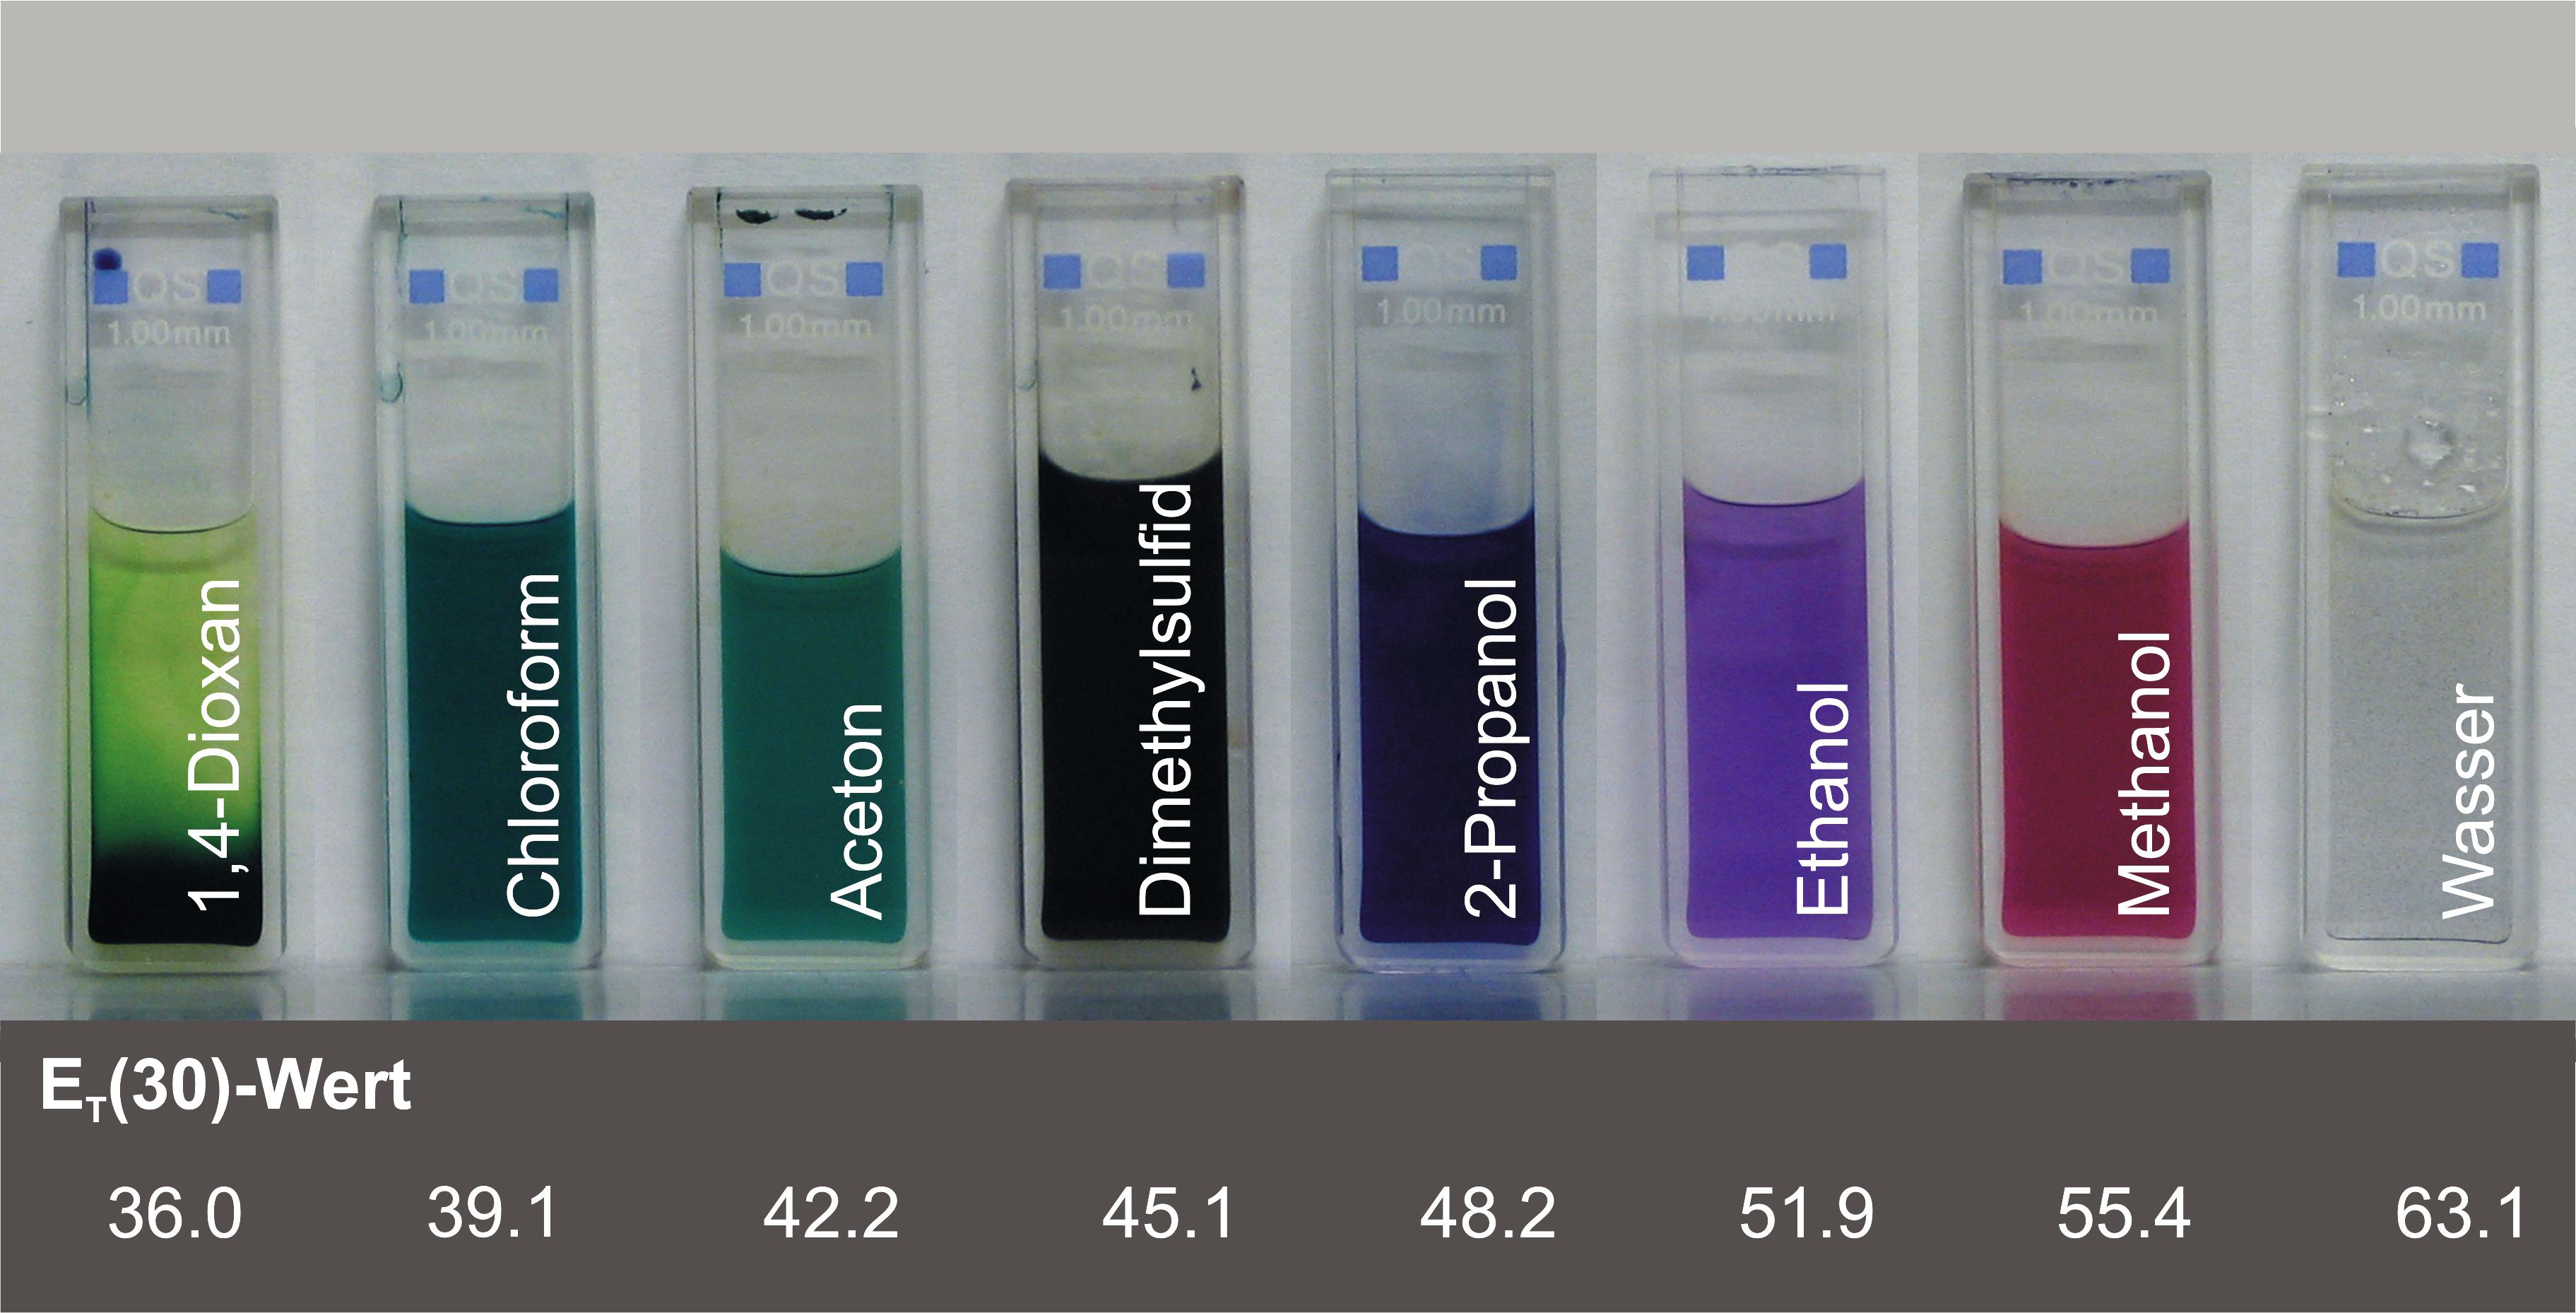 La imagen muestra distintos solventes.